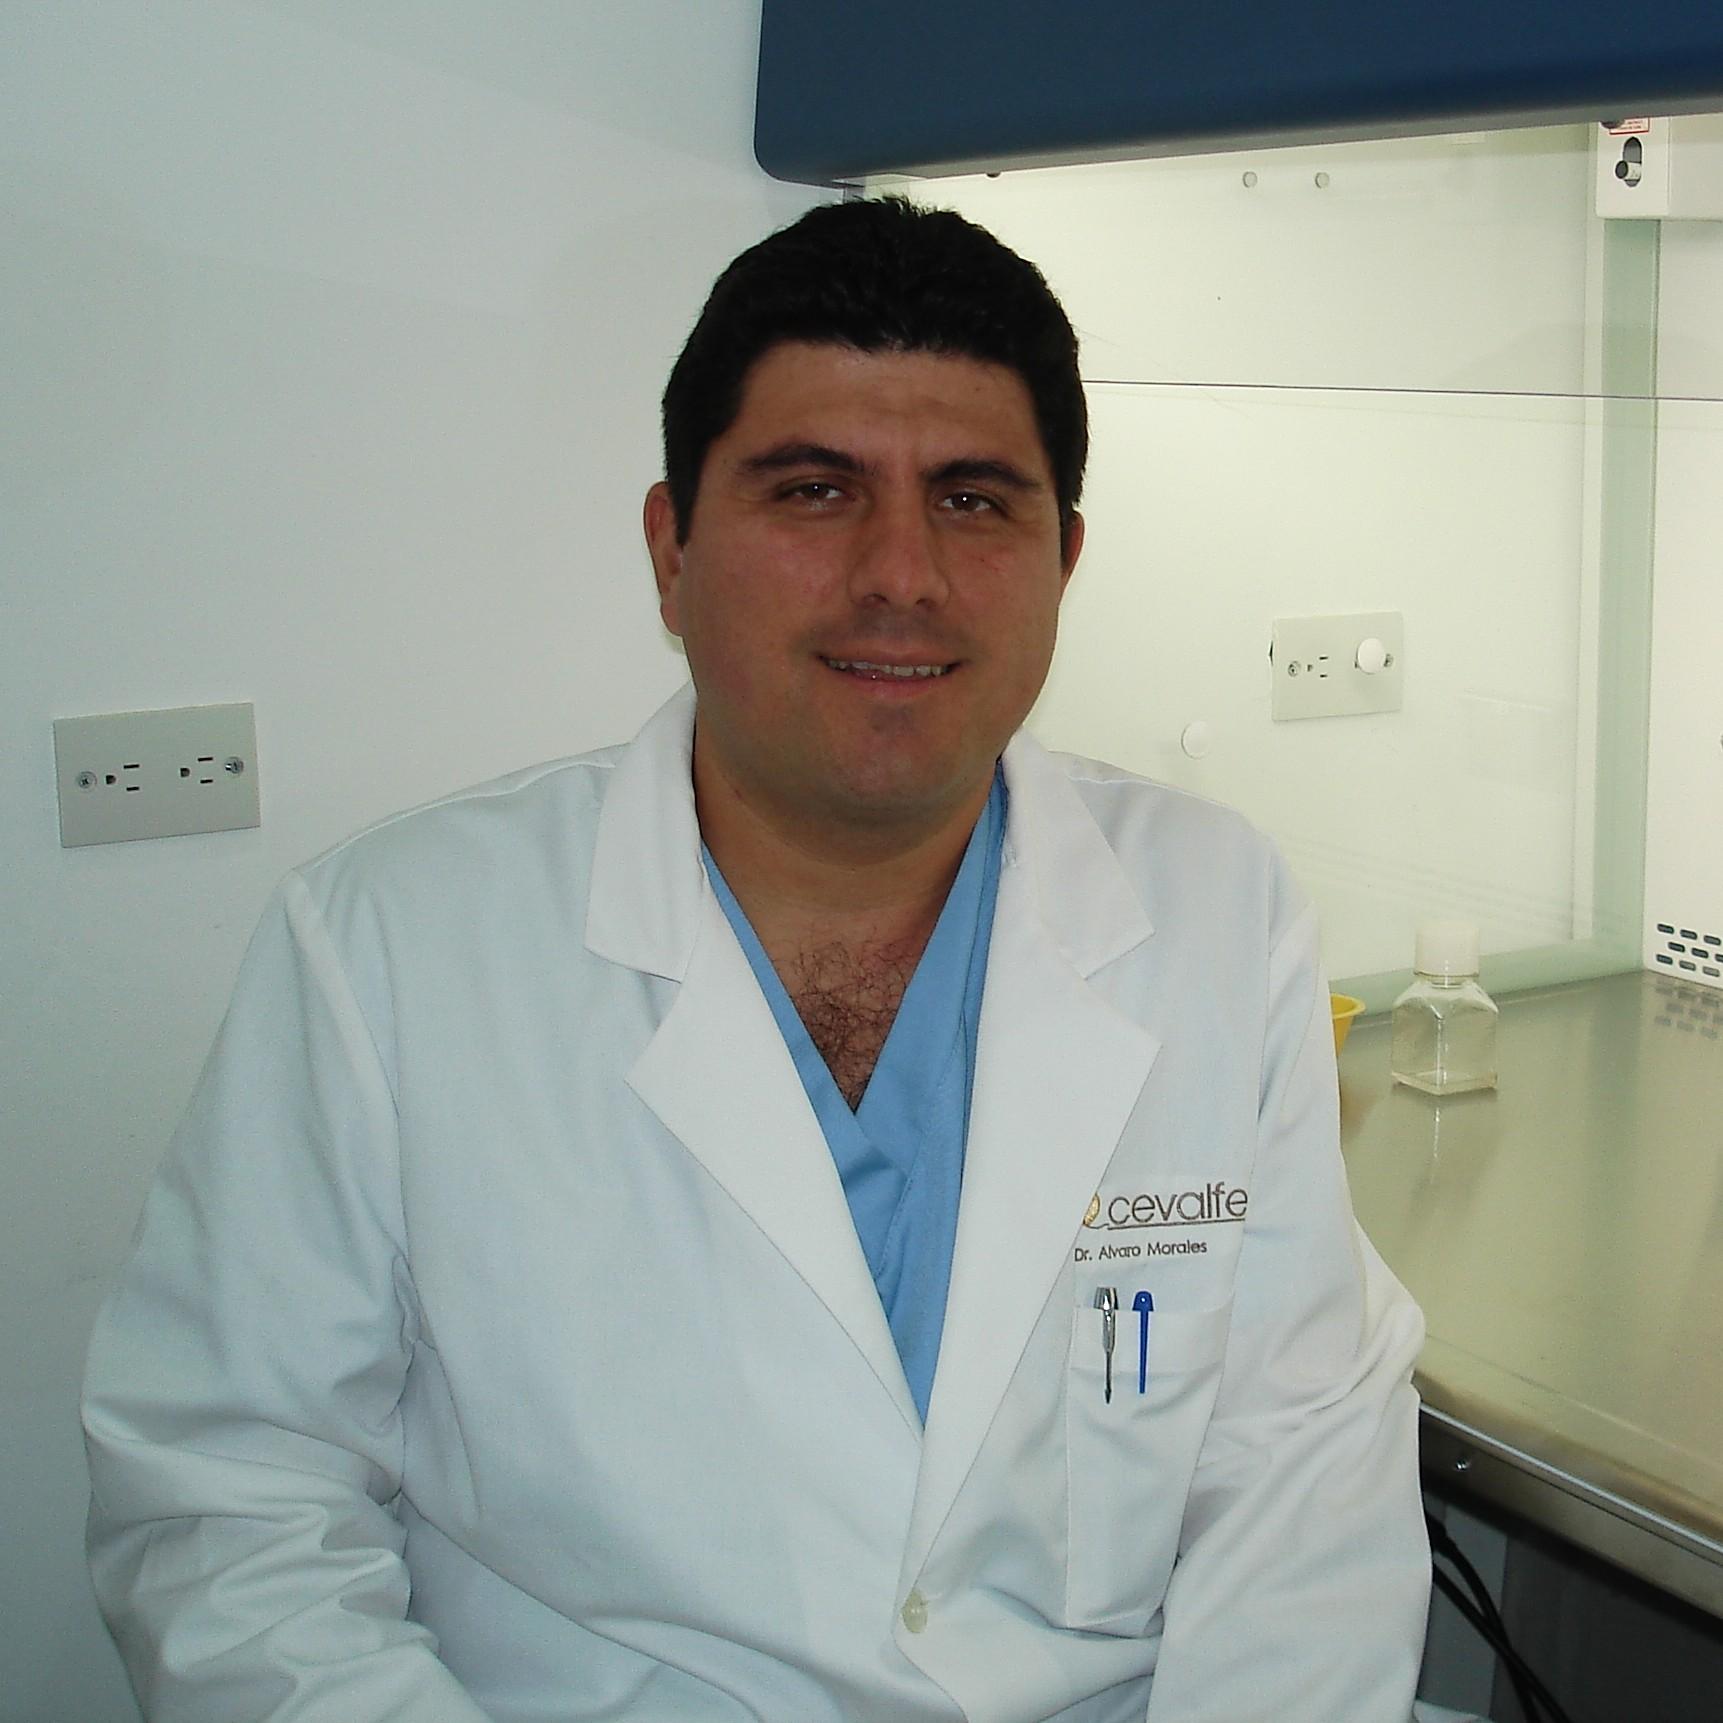 Dr. Alvaro Morales Carta